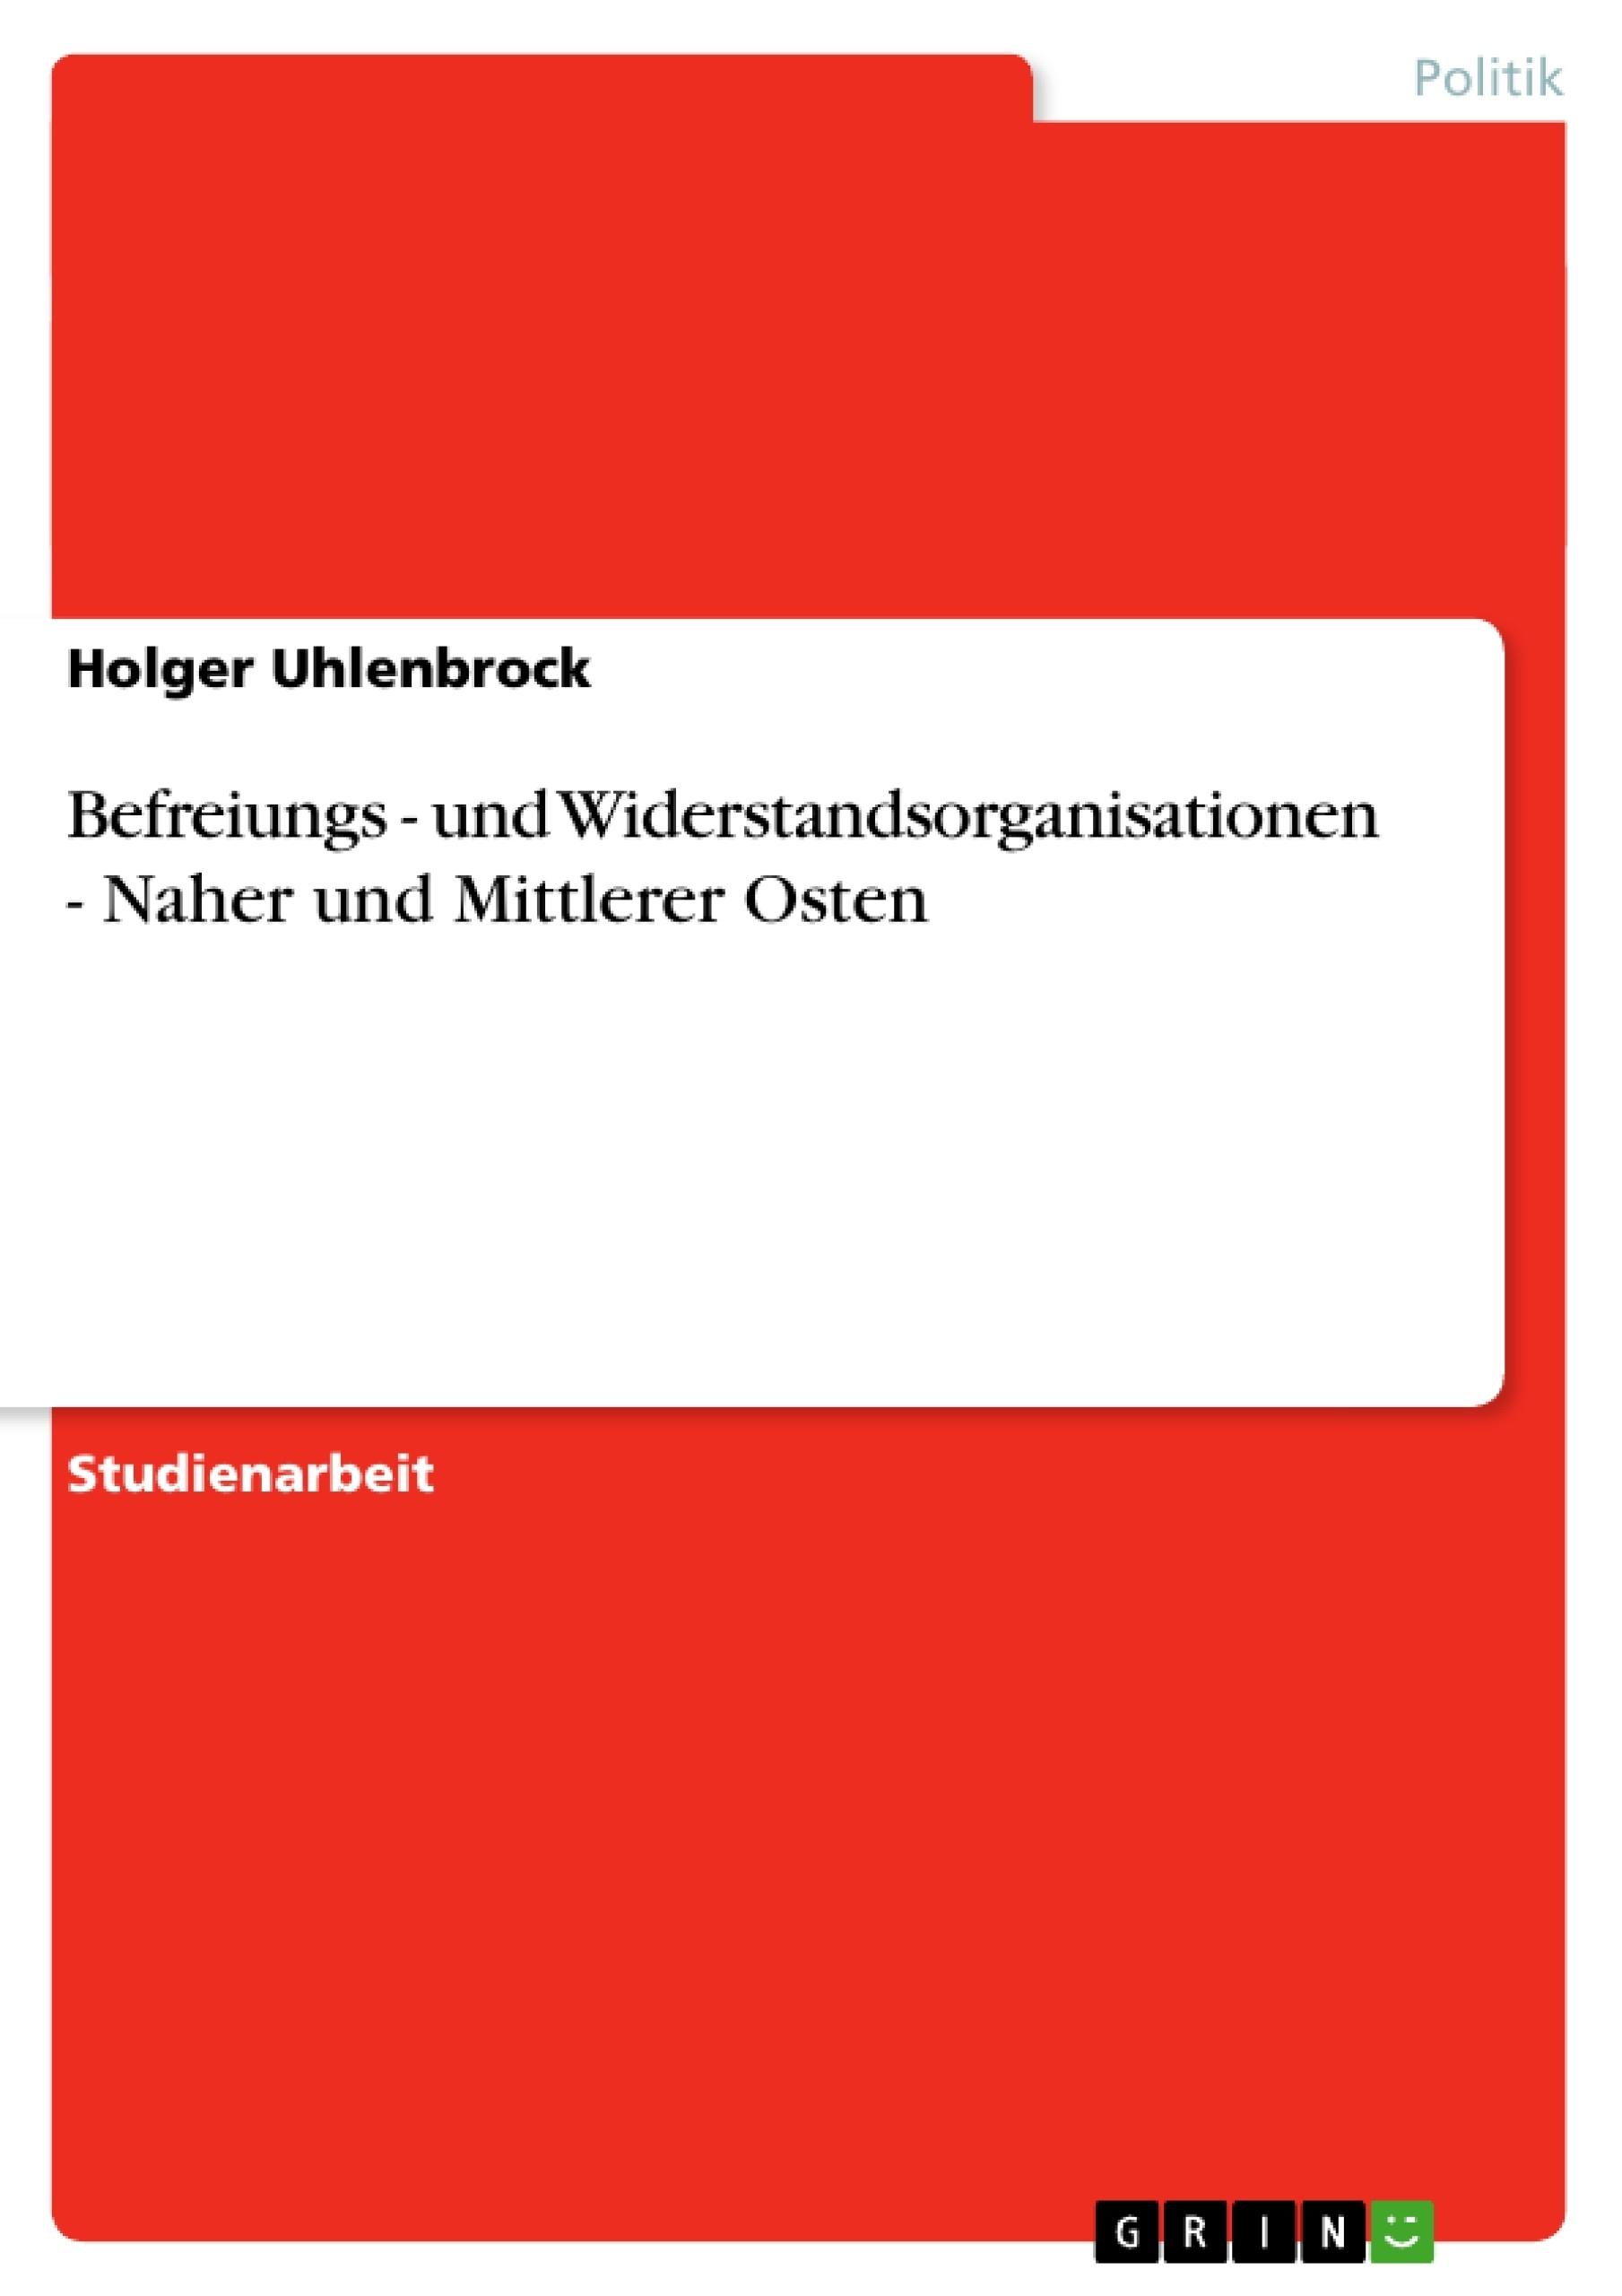 Titel: Befreiungs - und Widerstandsorganisationen - Naher und Mittlerer Osten